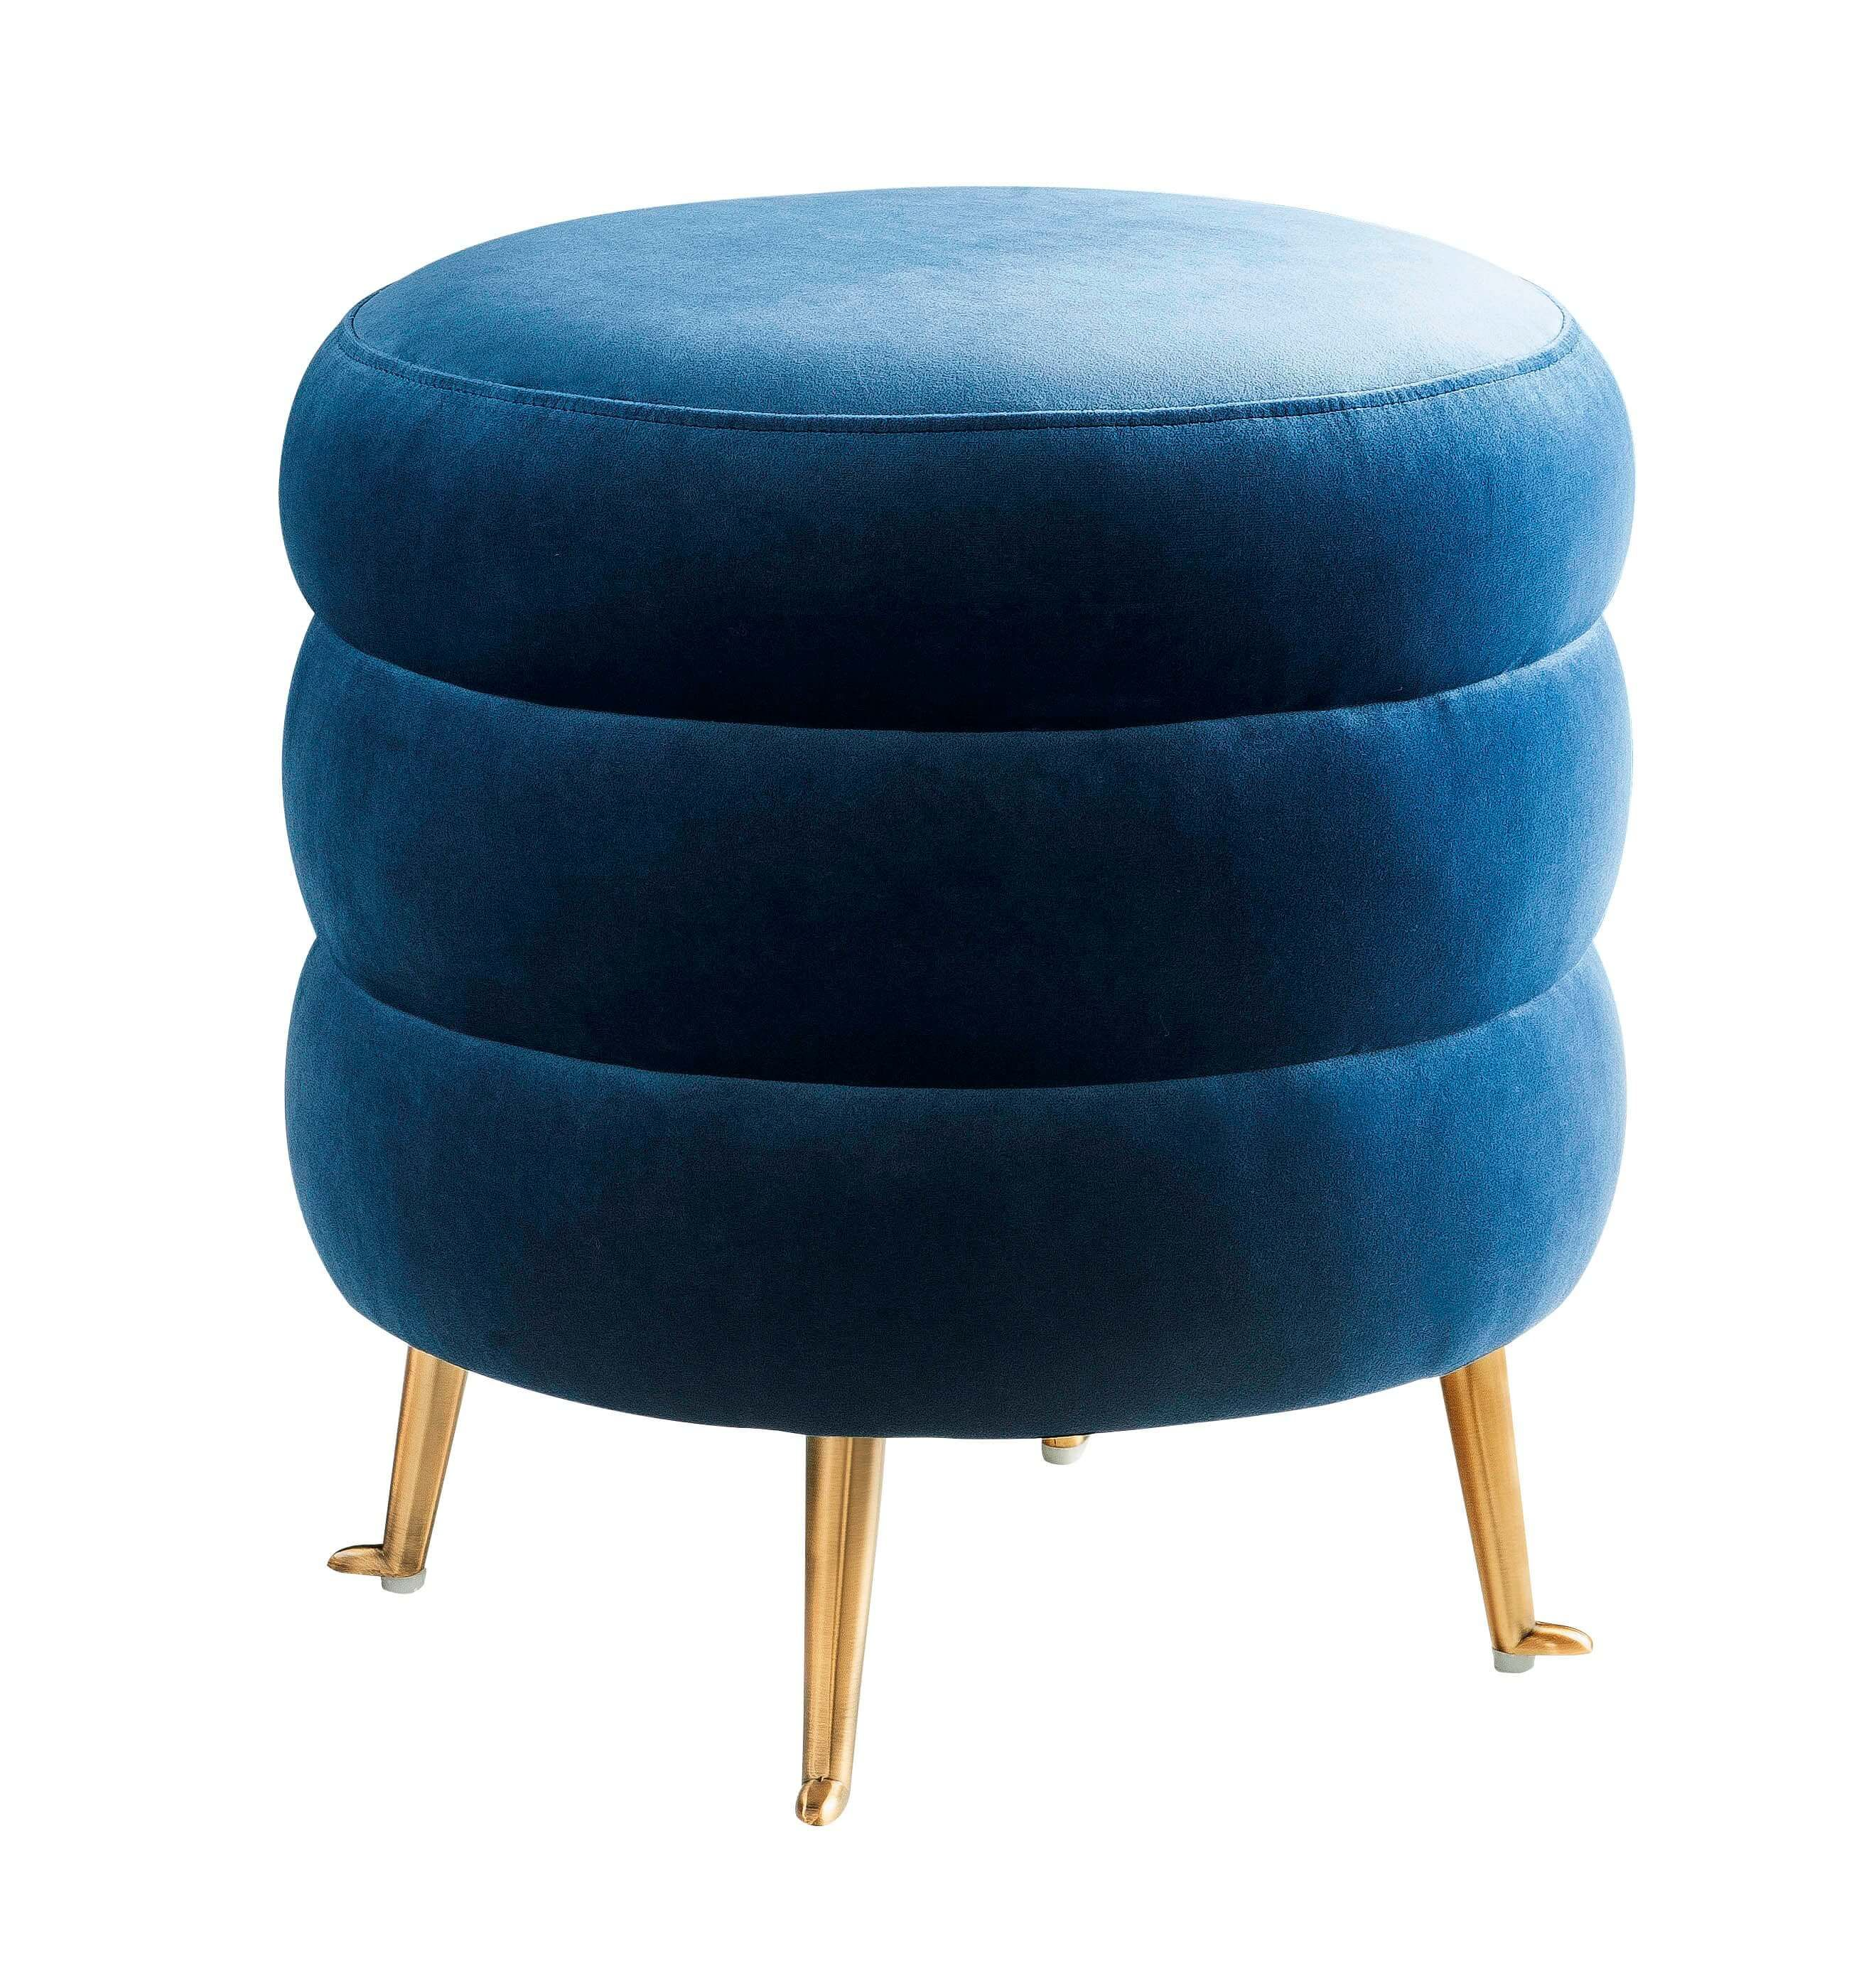 Ladder Blue Velvet Ottoman Tov Furniture With Images Velvet Ottoman Ottoman